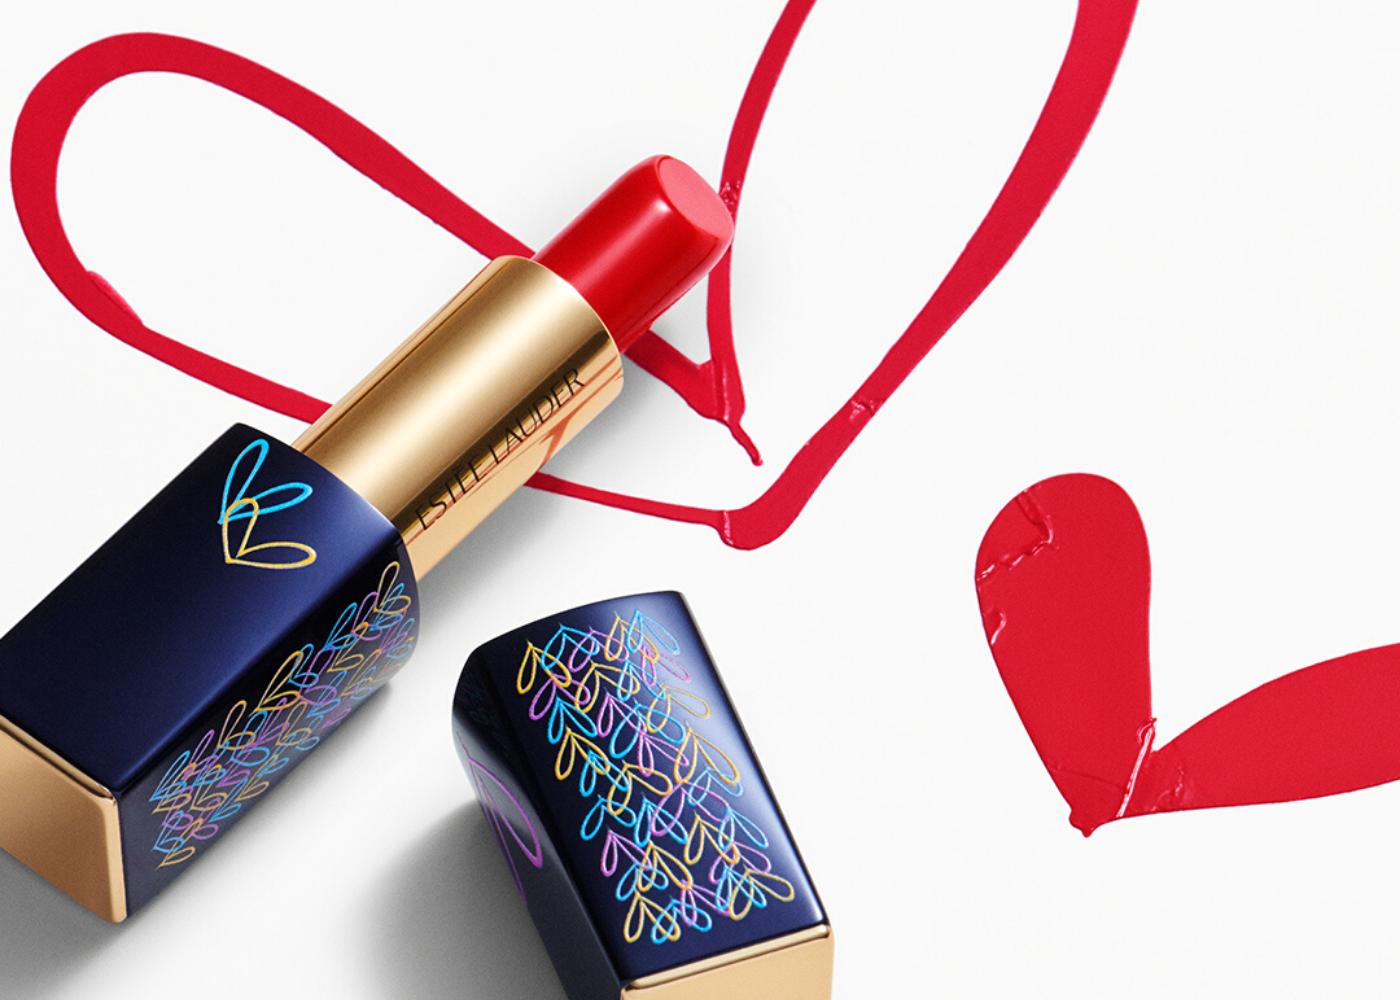 Estee Lauder   Valentine's Day gifts